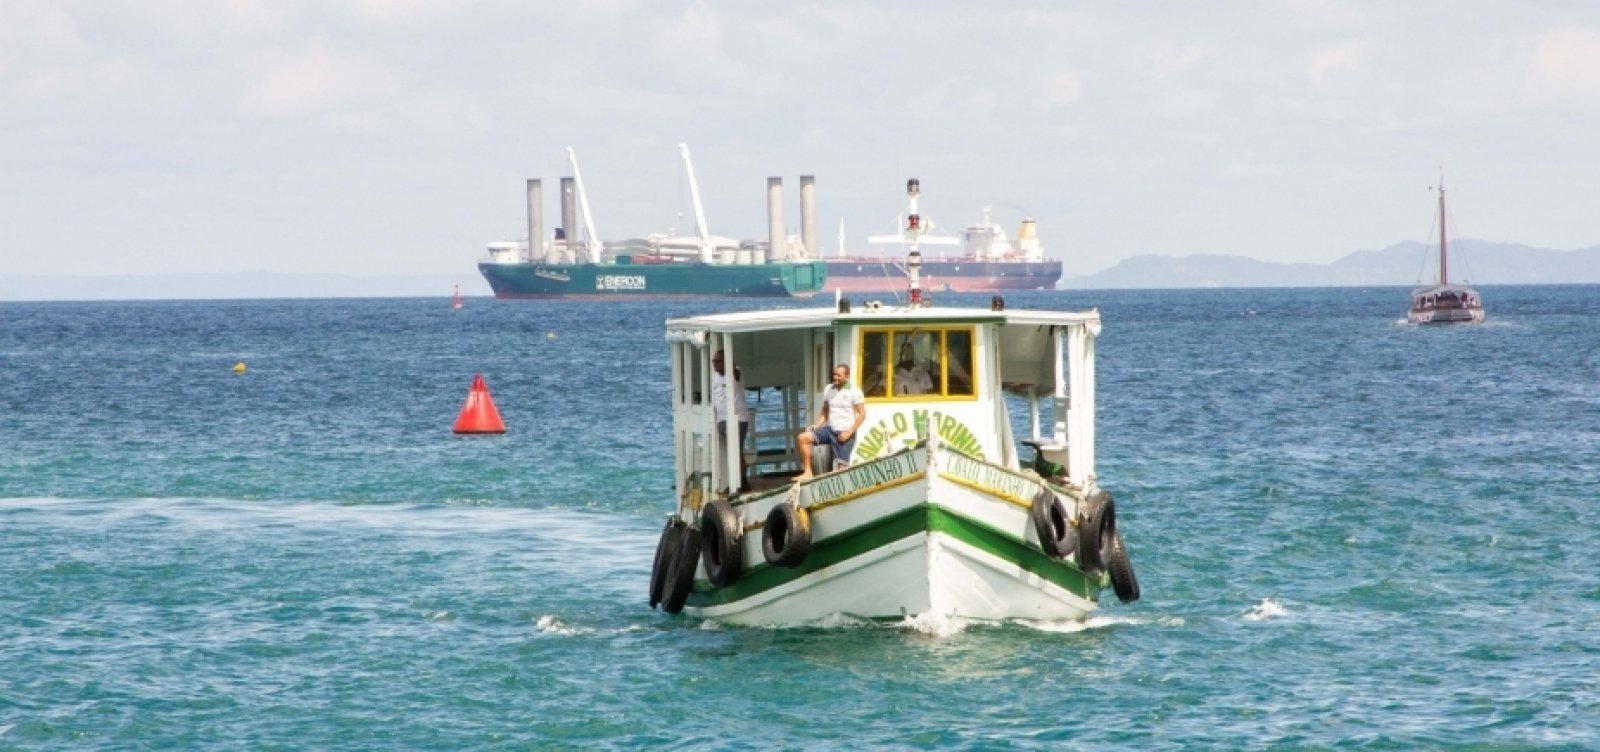 Maré baixa encerra travessia Salvador-Mar Grande mais cedo nesta segunda